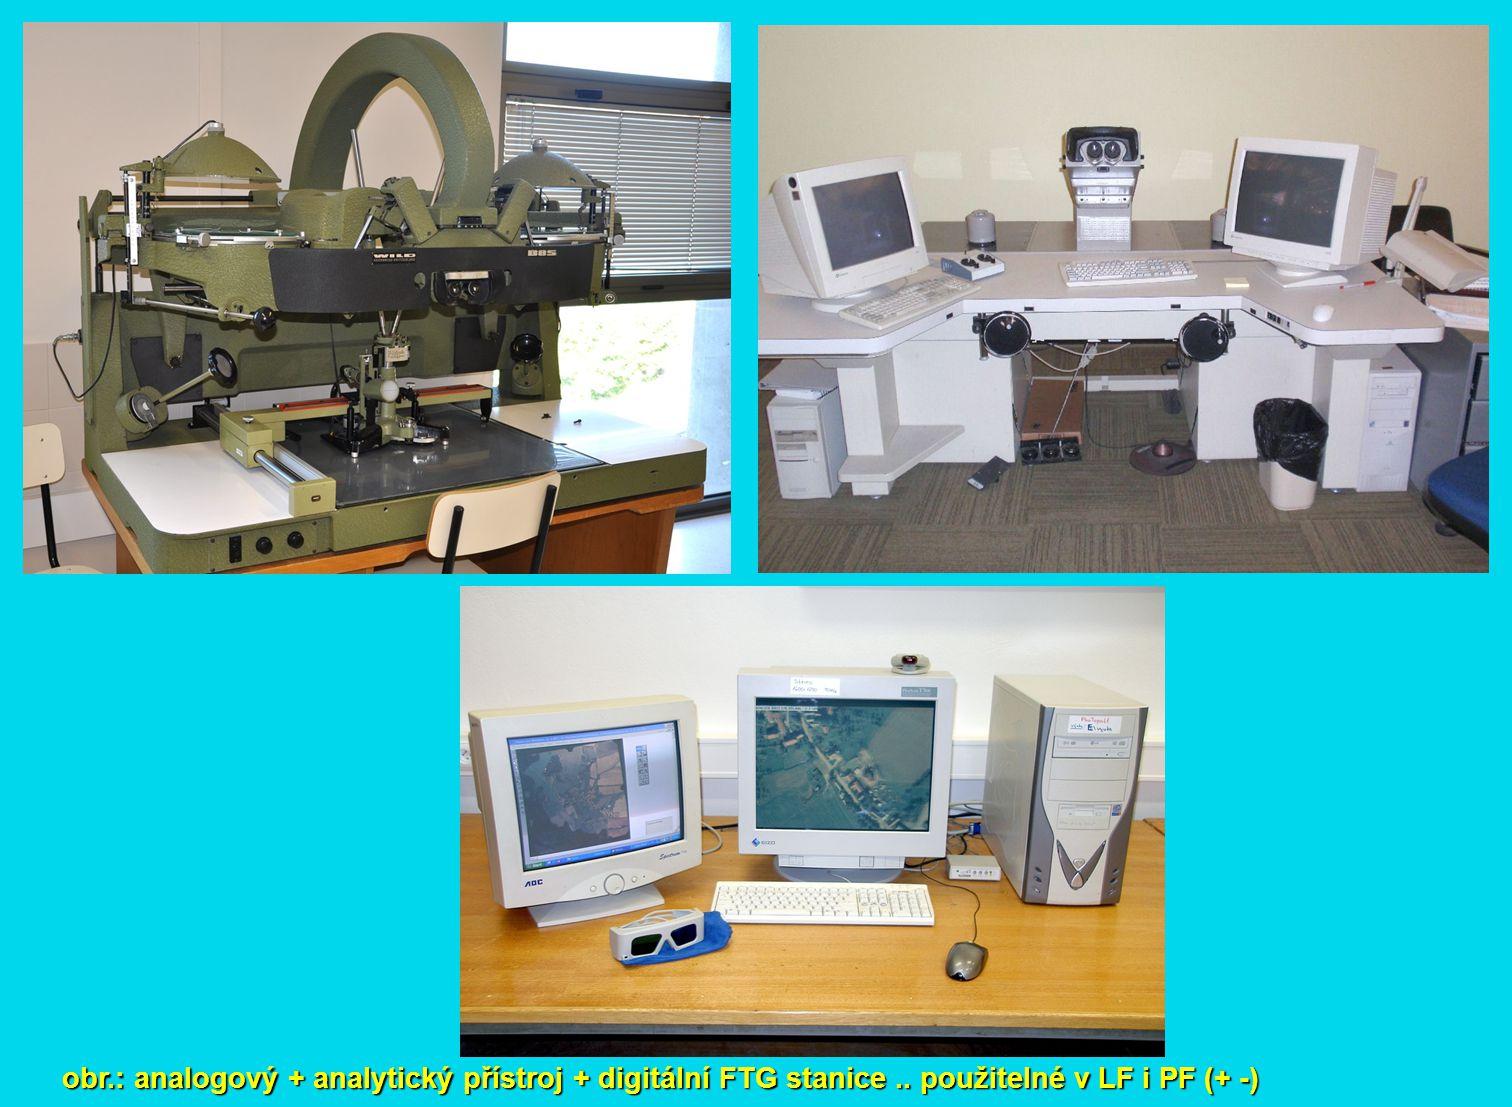 obr.: digitální fotogrammetrické stanice – seznam.. jistě neúplný